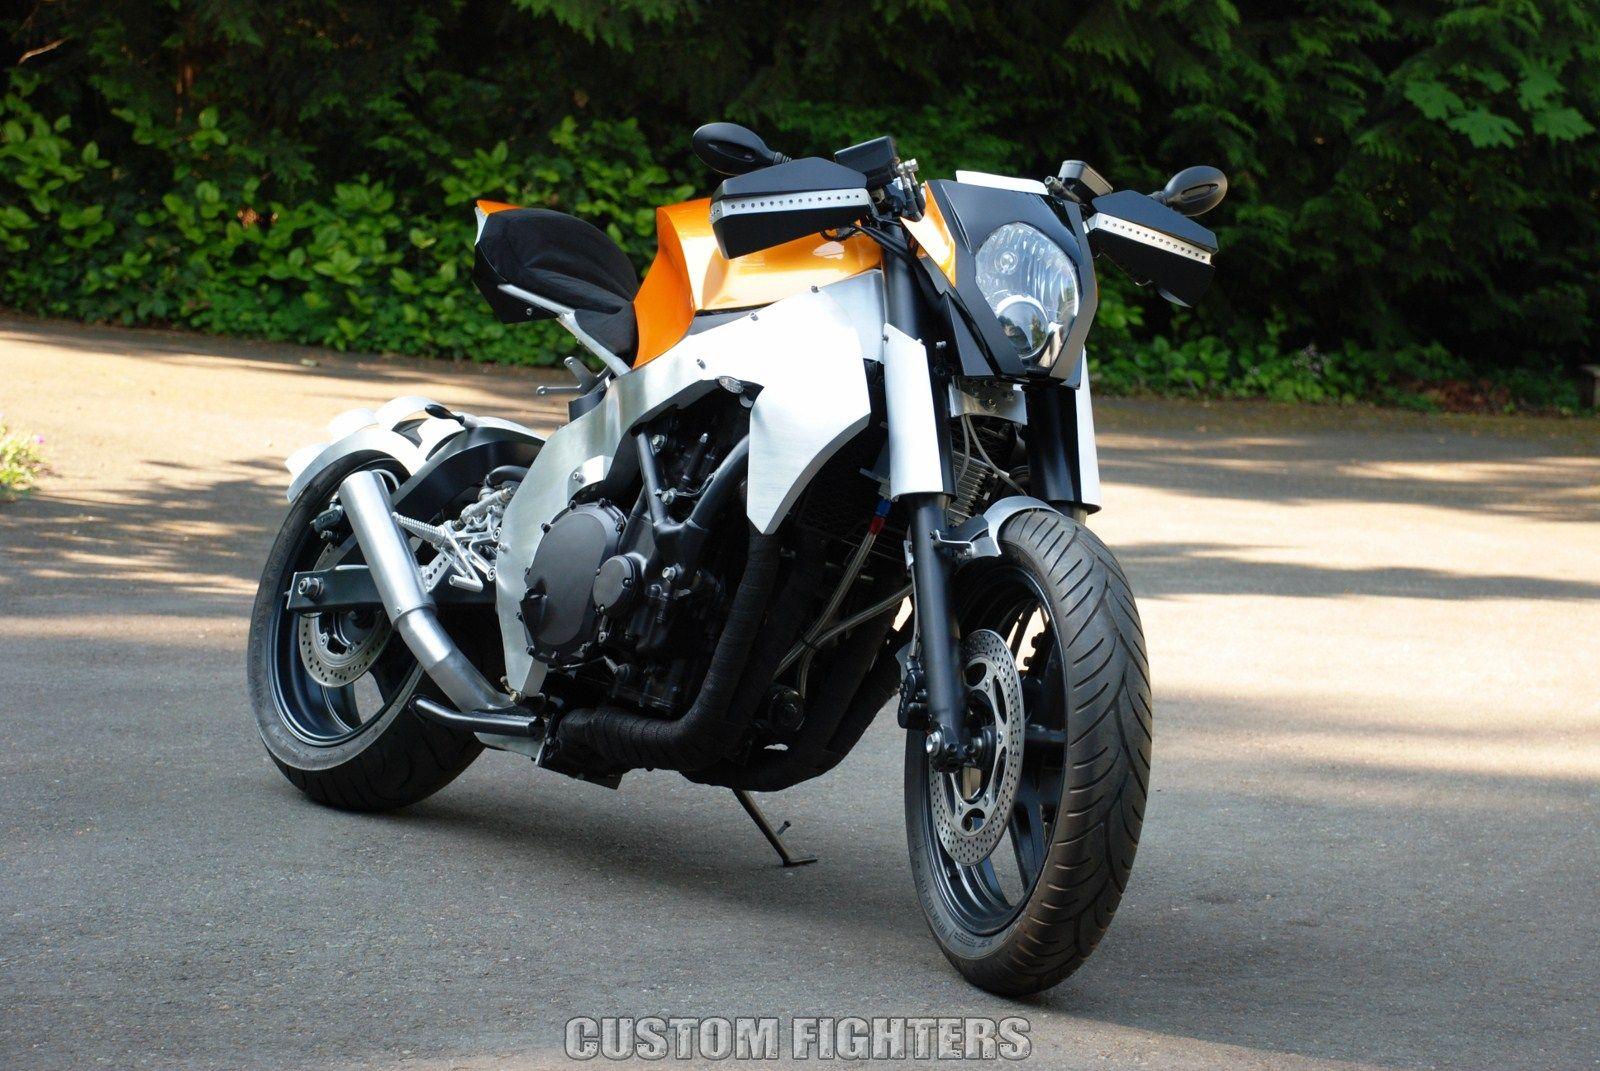 Tuning Honda Cbr 1000 F Custom Streetfighter Street Fighter